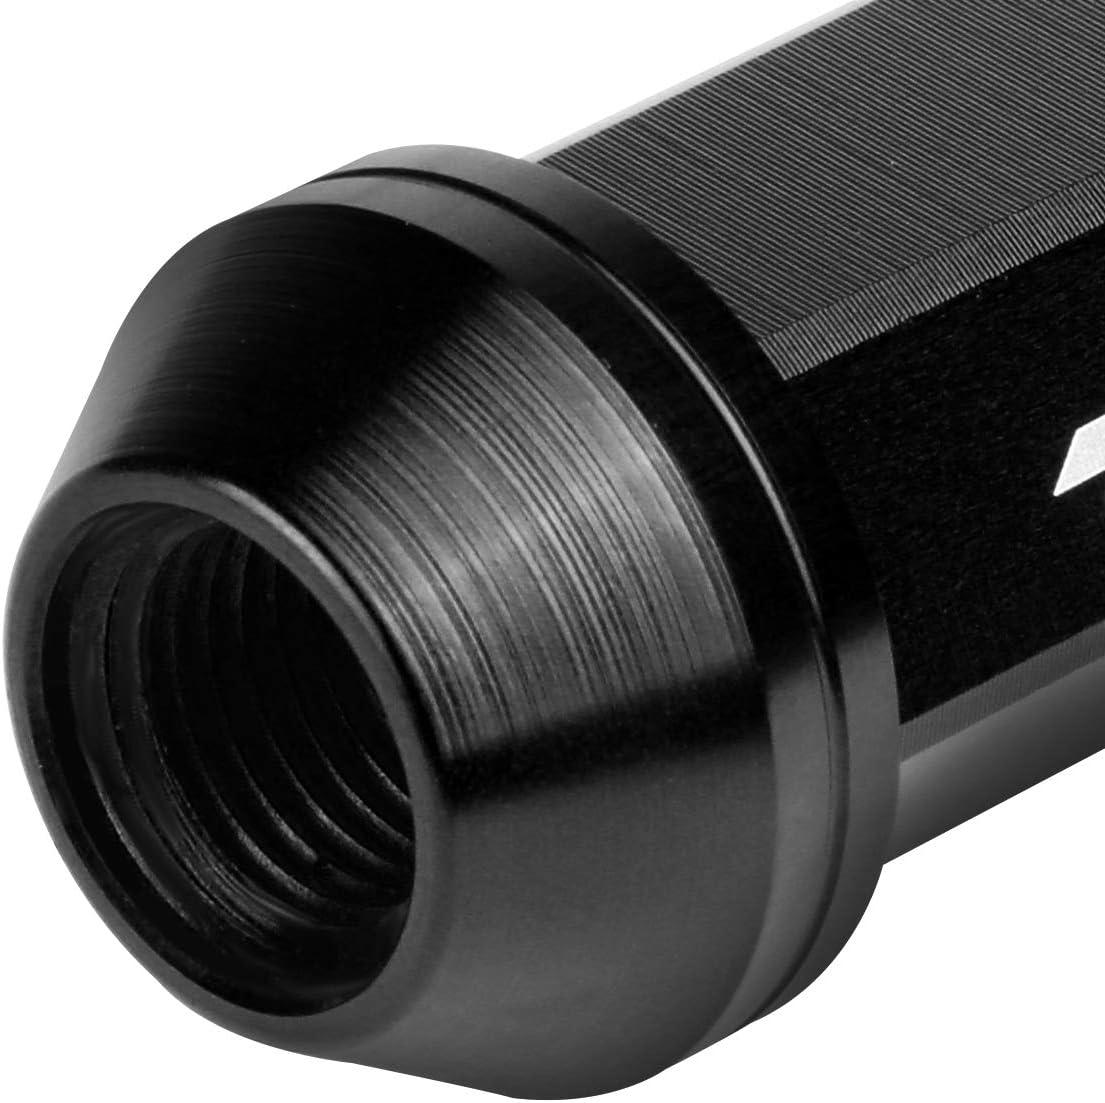 J2 Engineering 7075-T6 Aluminum M12 x 1.25 20Pcs 50mm Tall Knurled Top Lug Nut w//Adapter Black